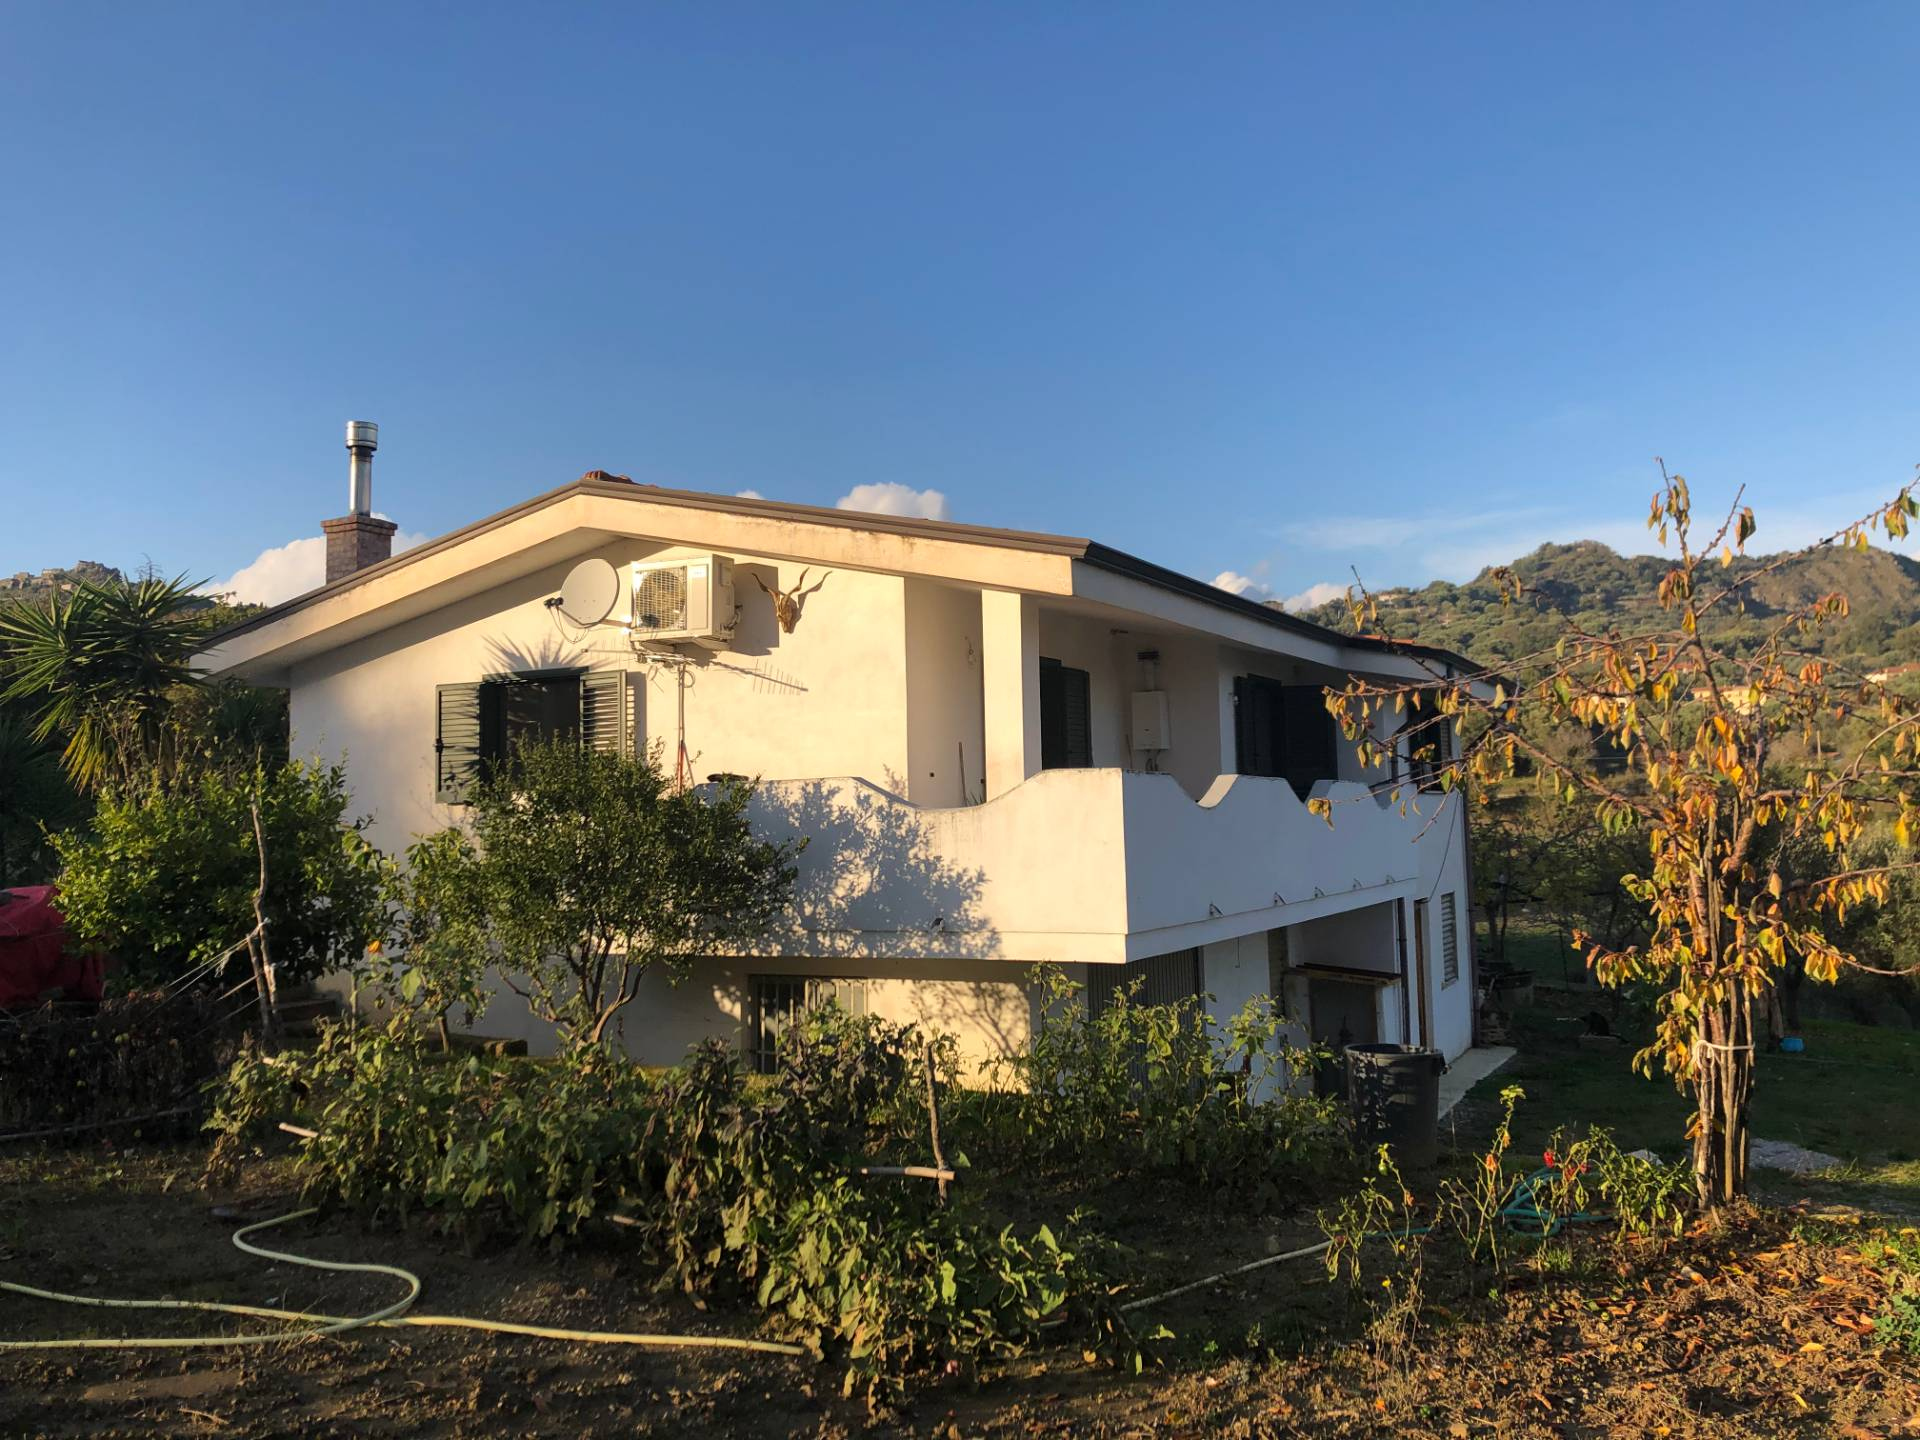 Soluzione Indipendente in vendita a Roccagloriosa, 6 locali, prezzo € 158.000 | CambioCasa.it